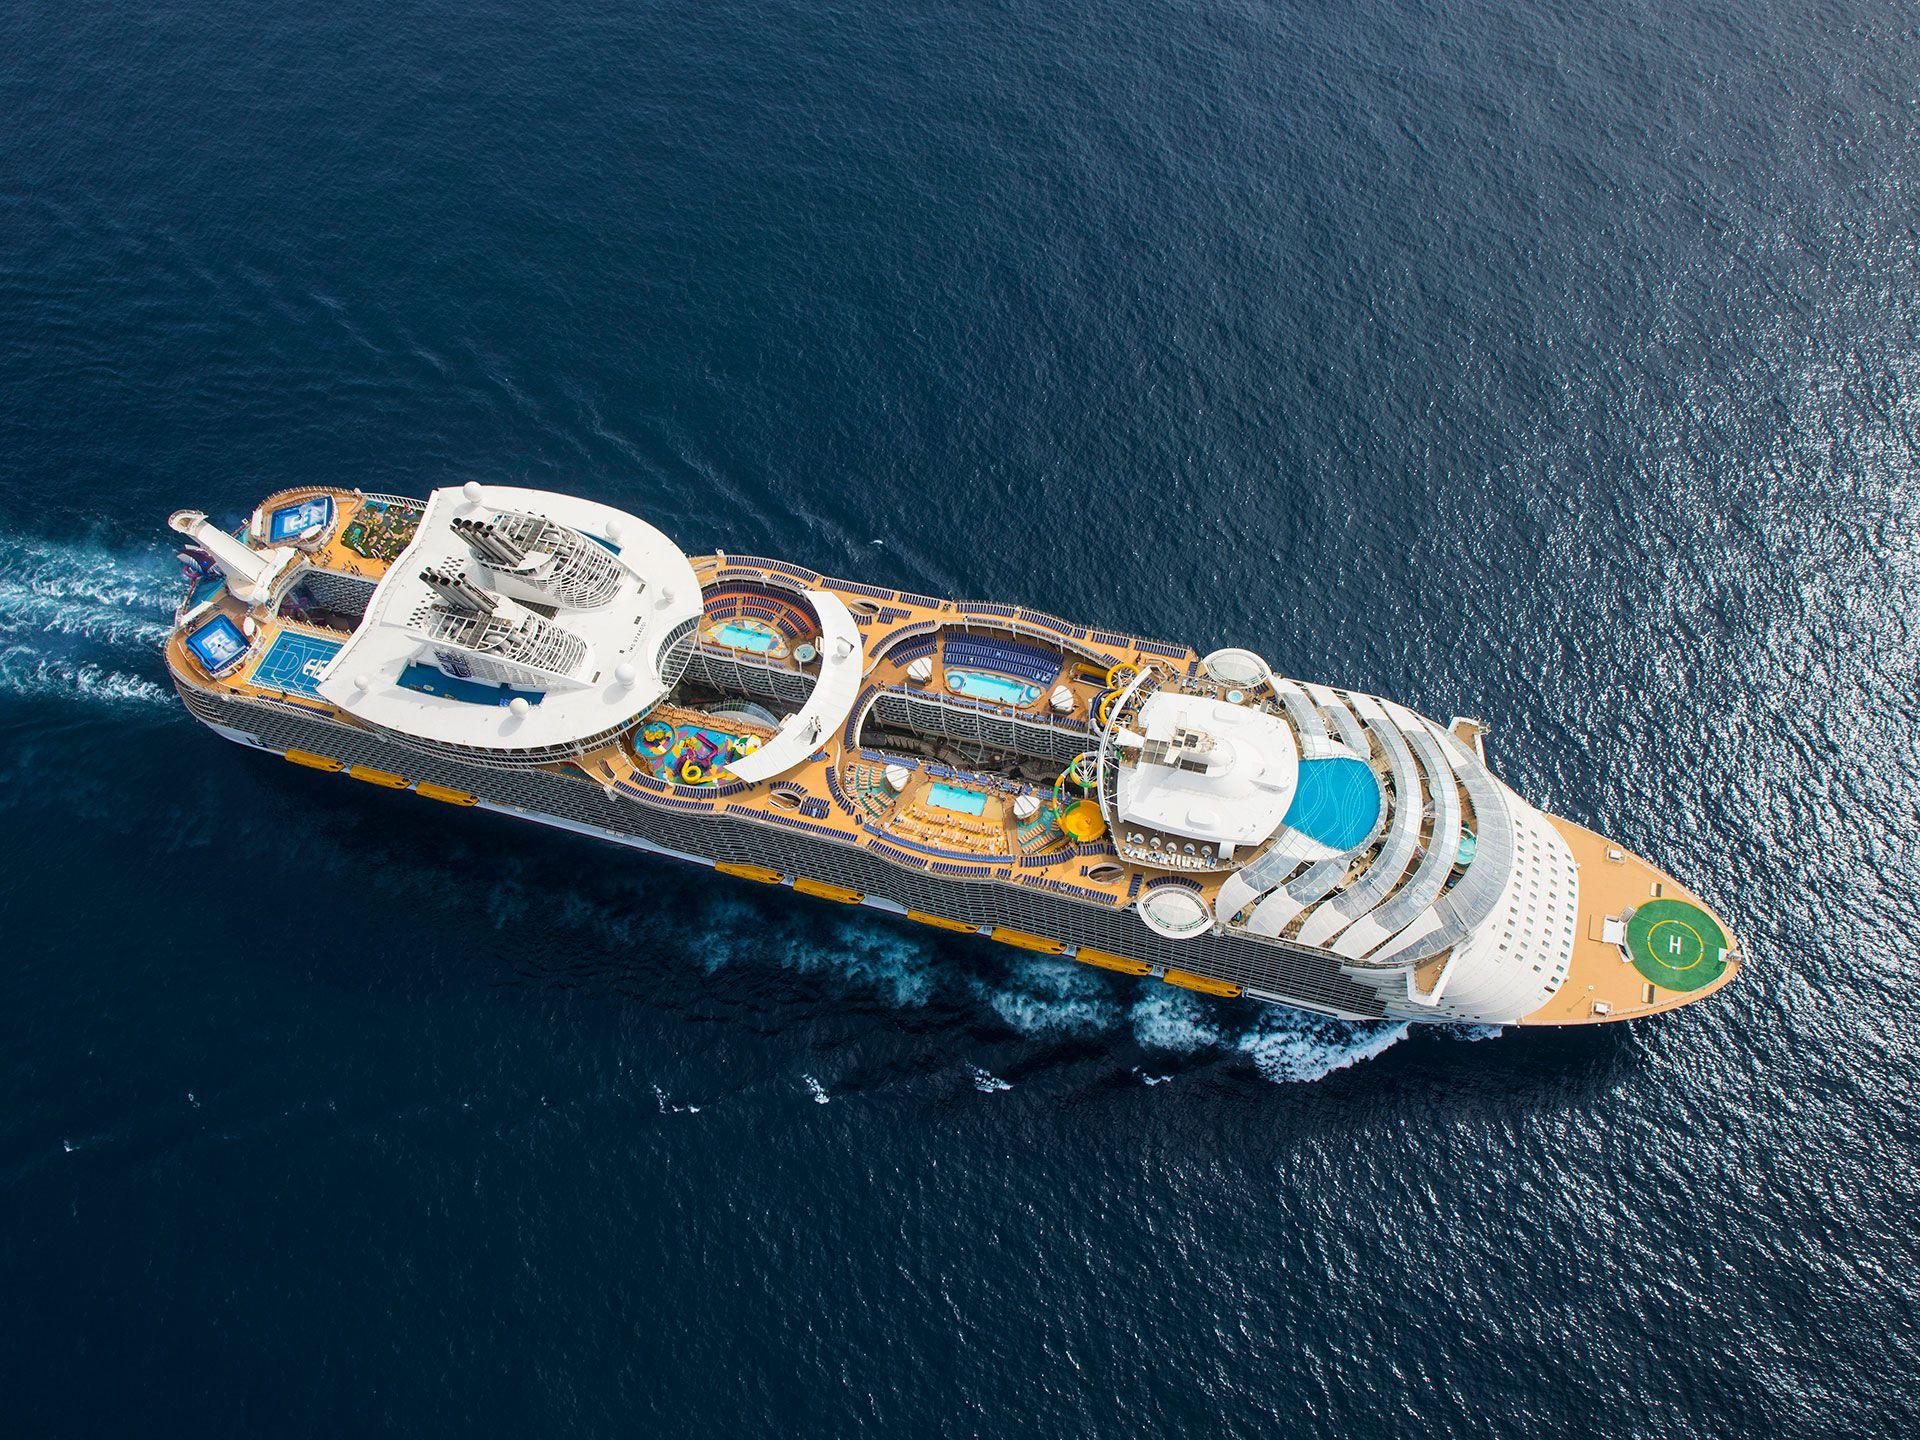 世界最大客船シンフォニー・オブ・ザ・シーズ